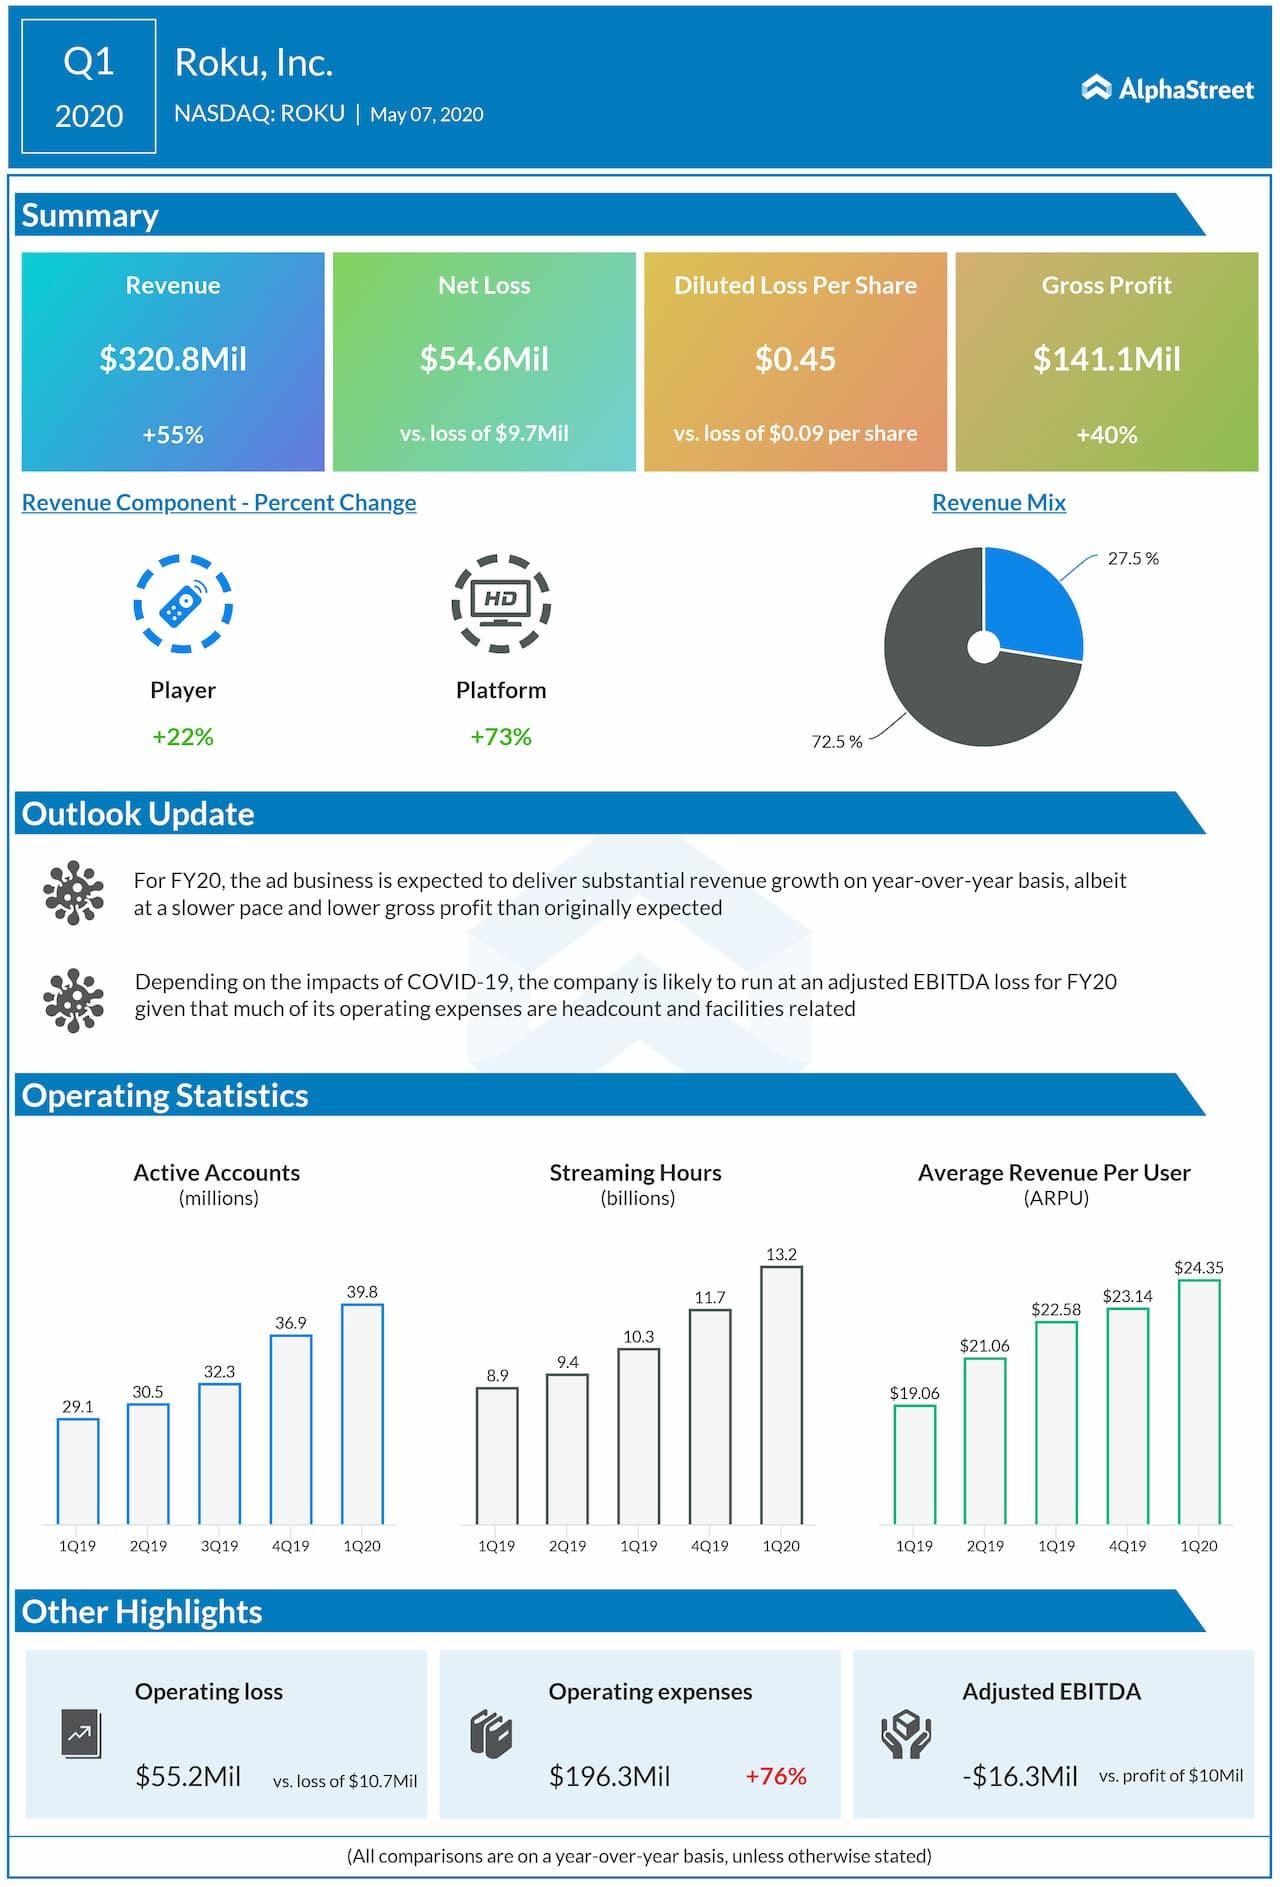 Roku (ROKU) Q1 2020 earnings review